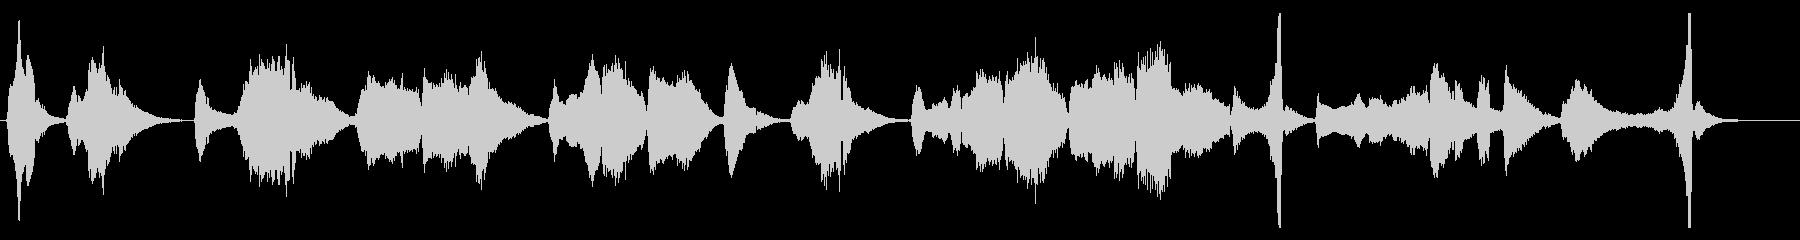 アコーディオンによるカバー曲の生演奏の未再生の波形